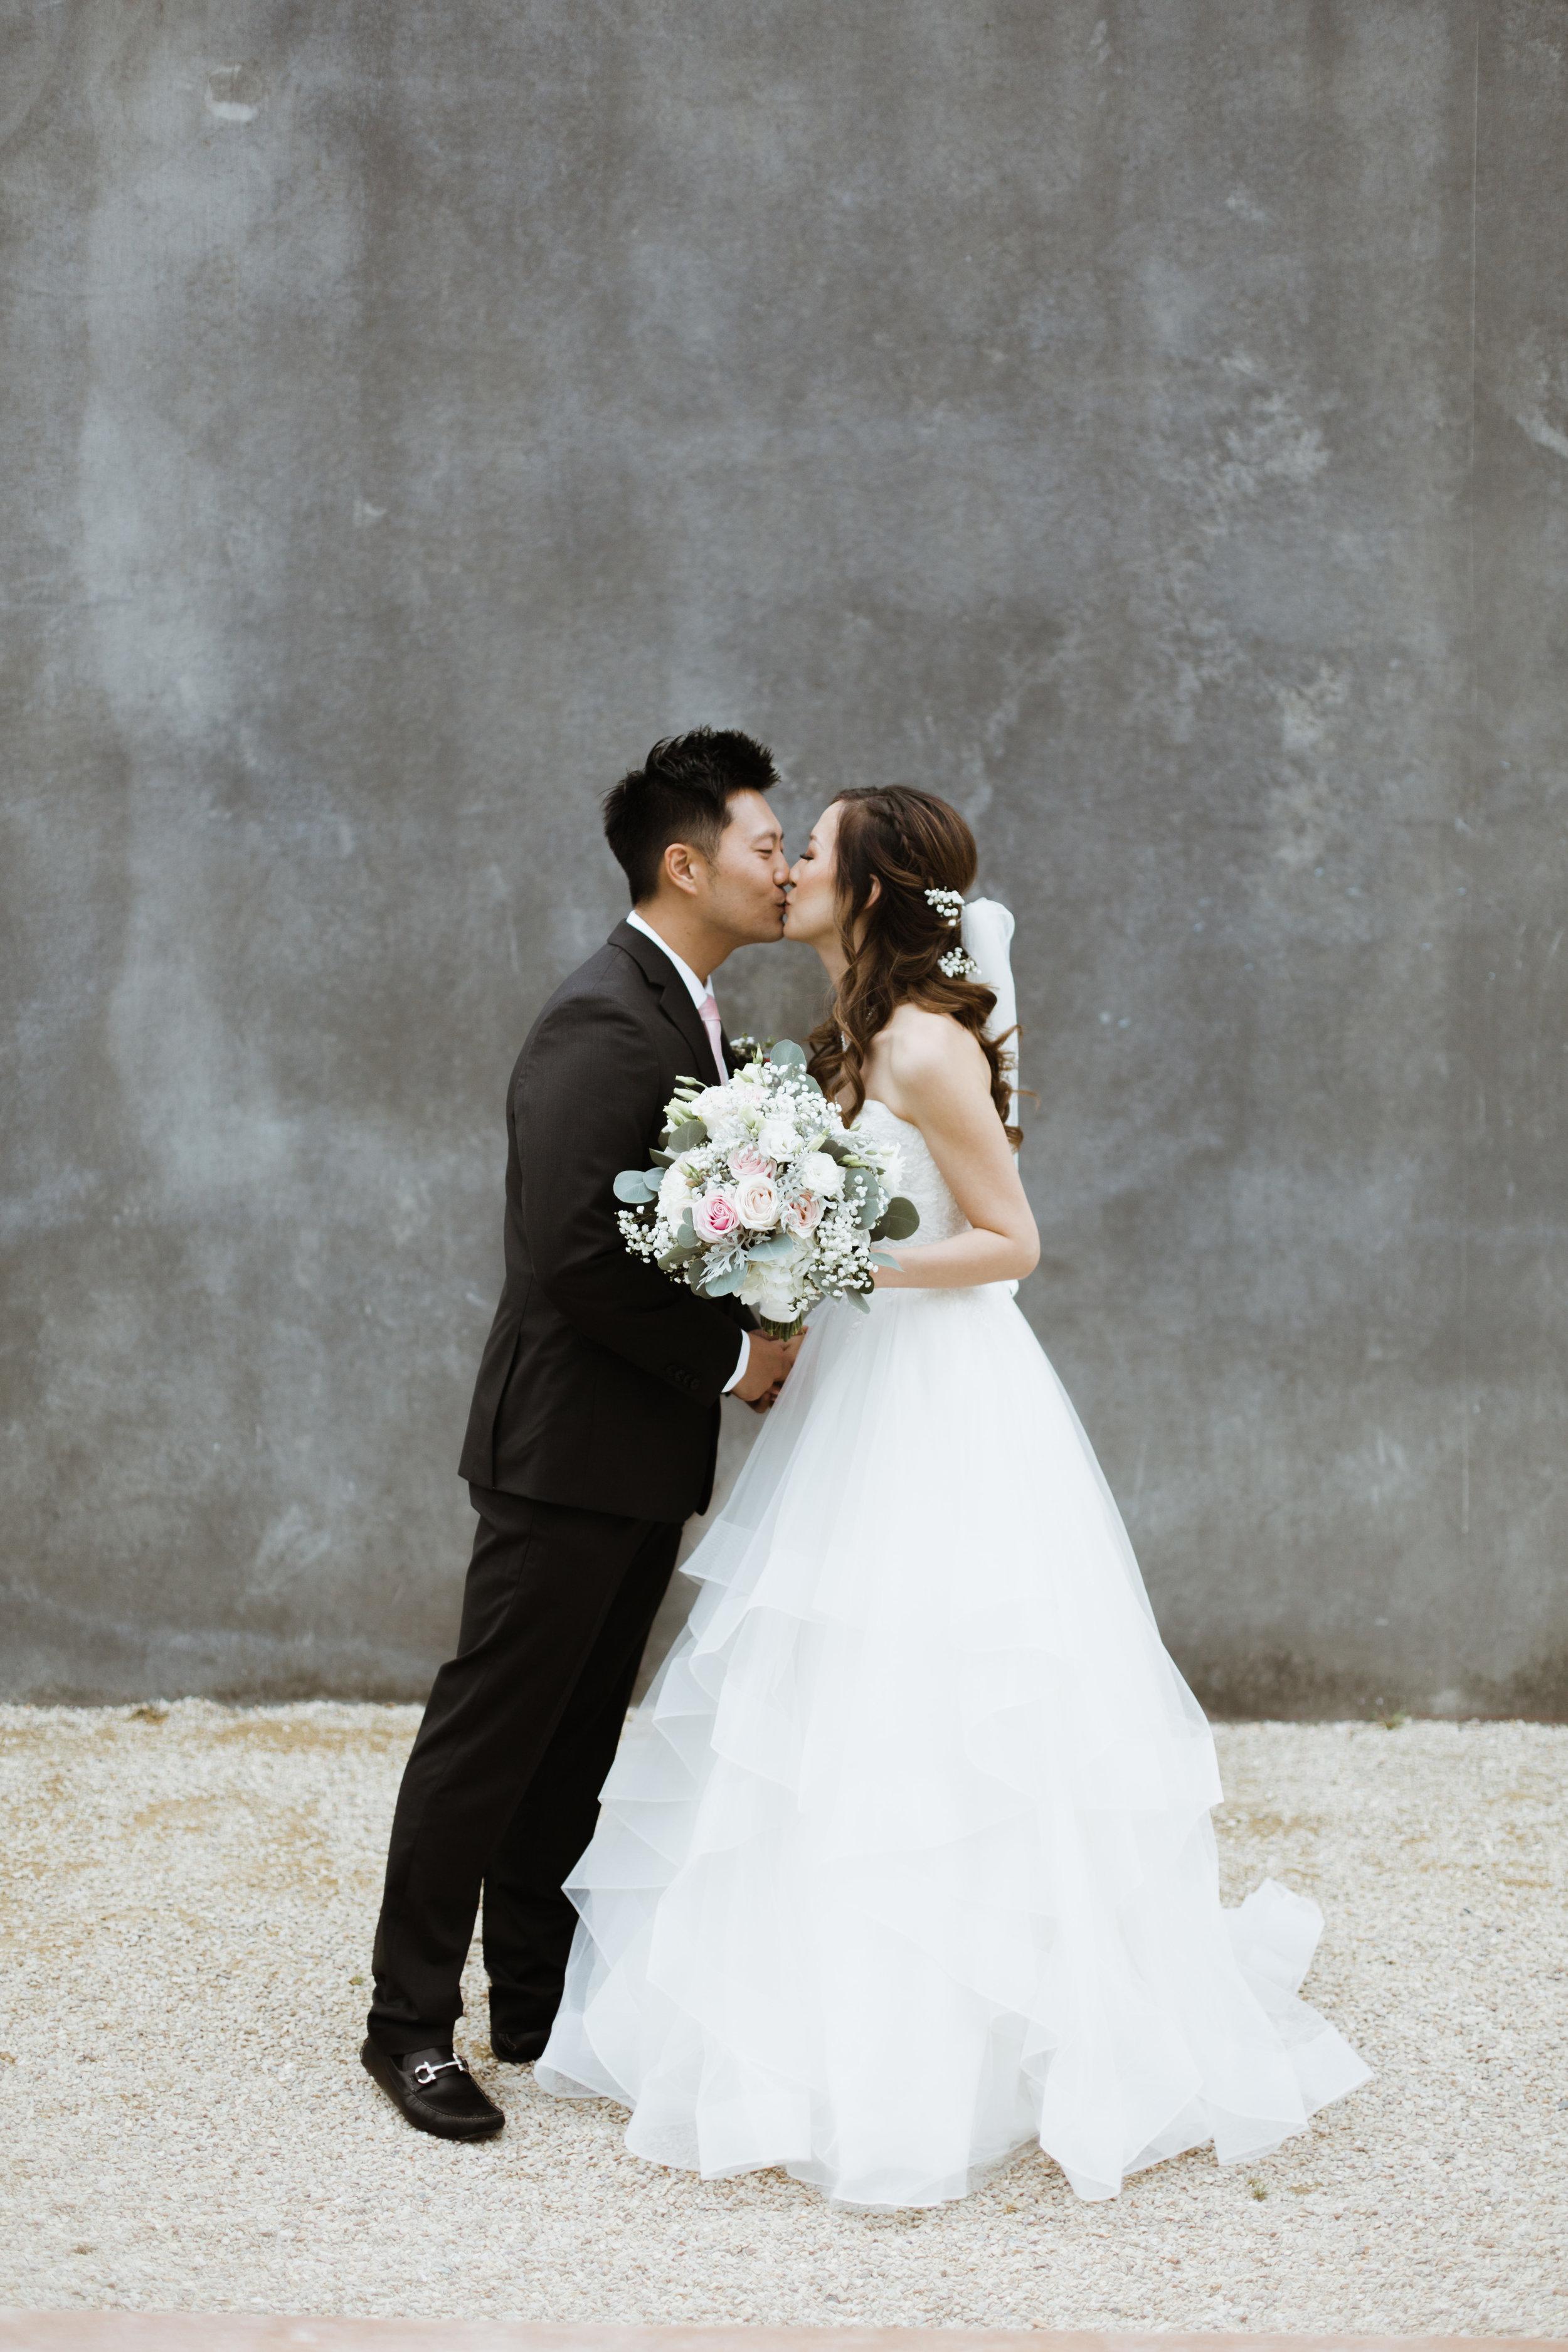 Jennifer & HG - WEDDING